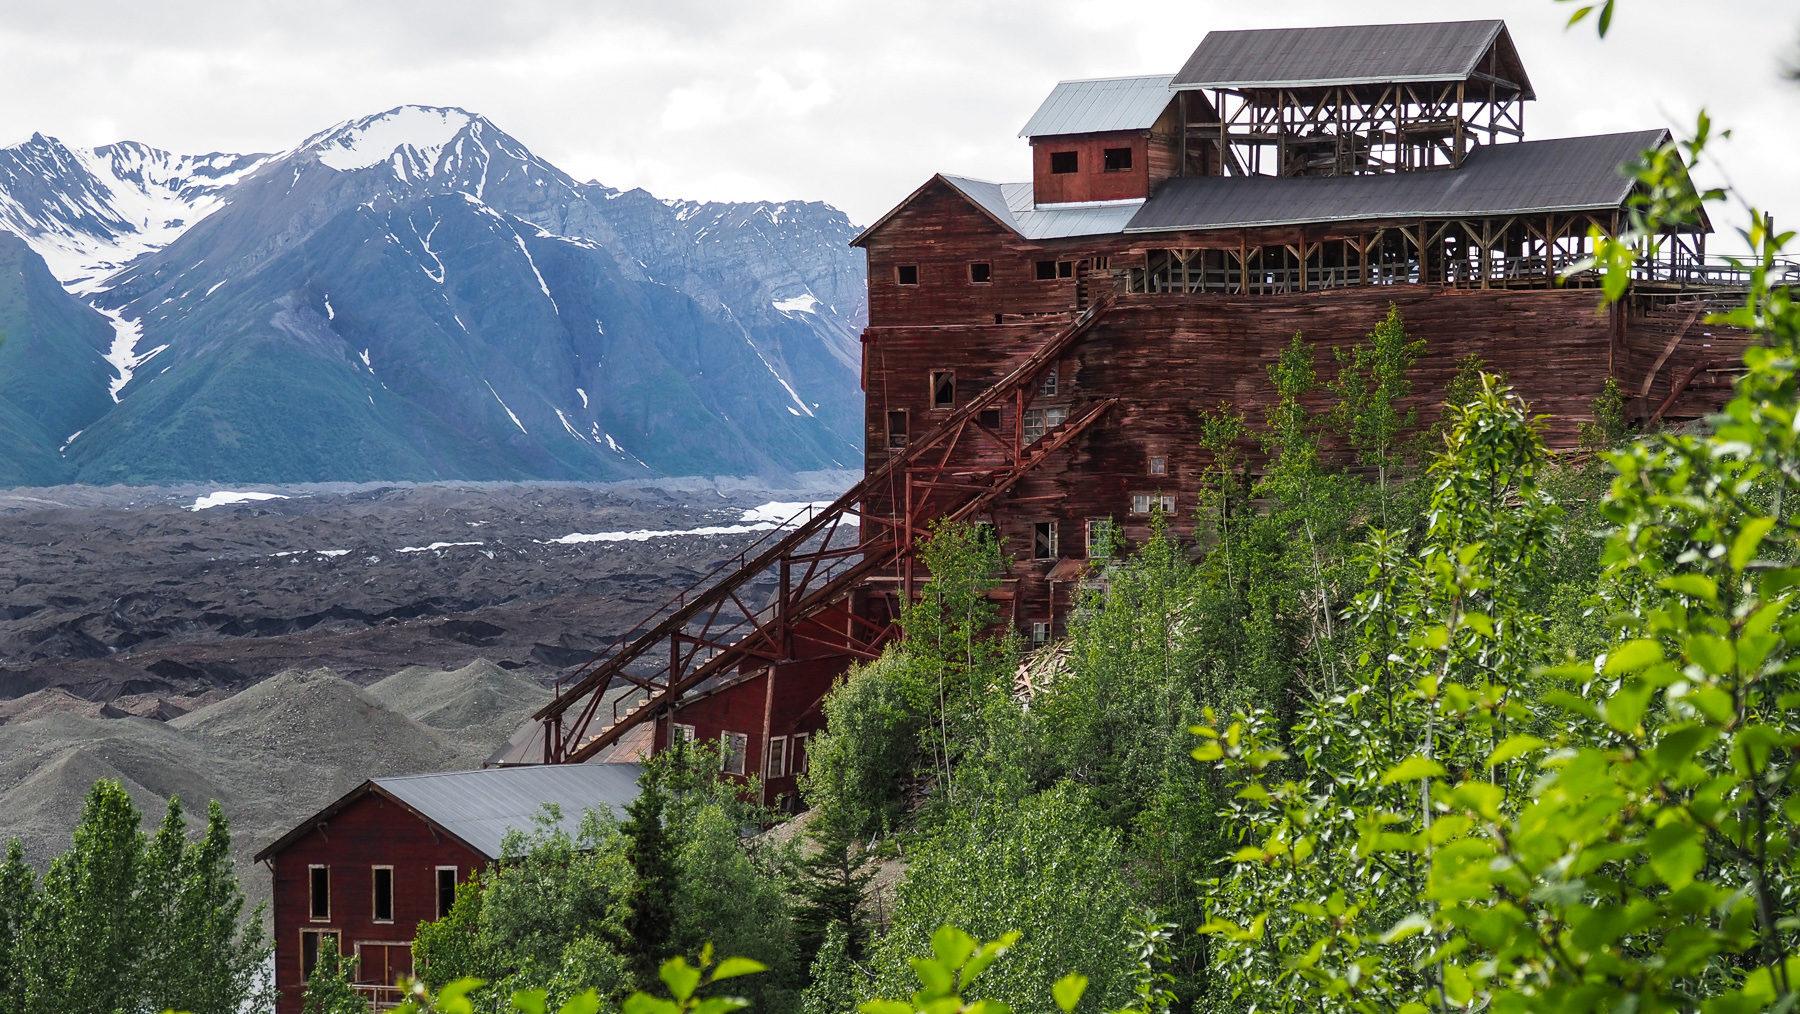 Kennecott Mill, 14 Stockwerke hoch! an einen steilen Berghang gebaut